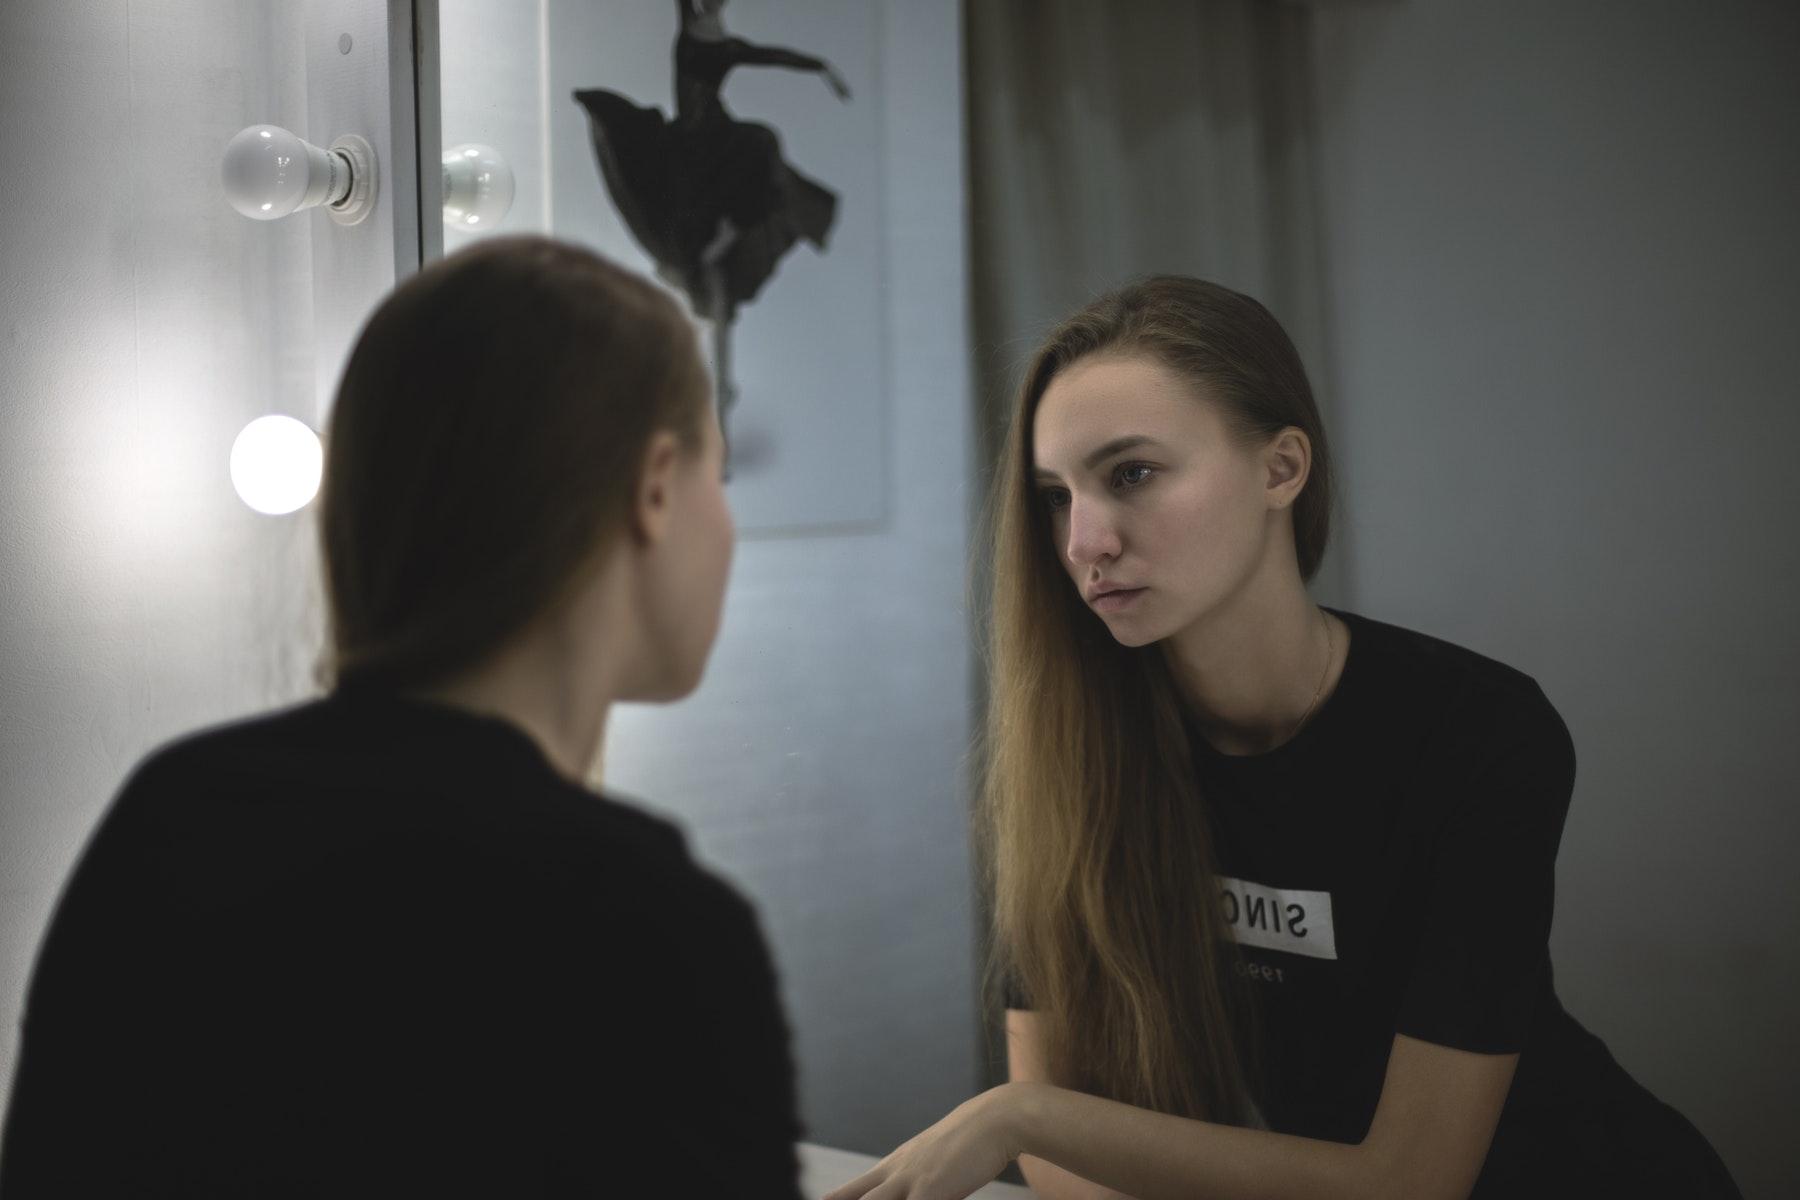 dårlig selvtillid, mindreværd, usikkerhed, ungdom, livet, kvinde, mobilspil, covet fashion